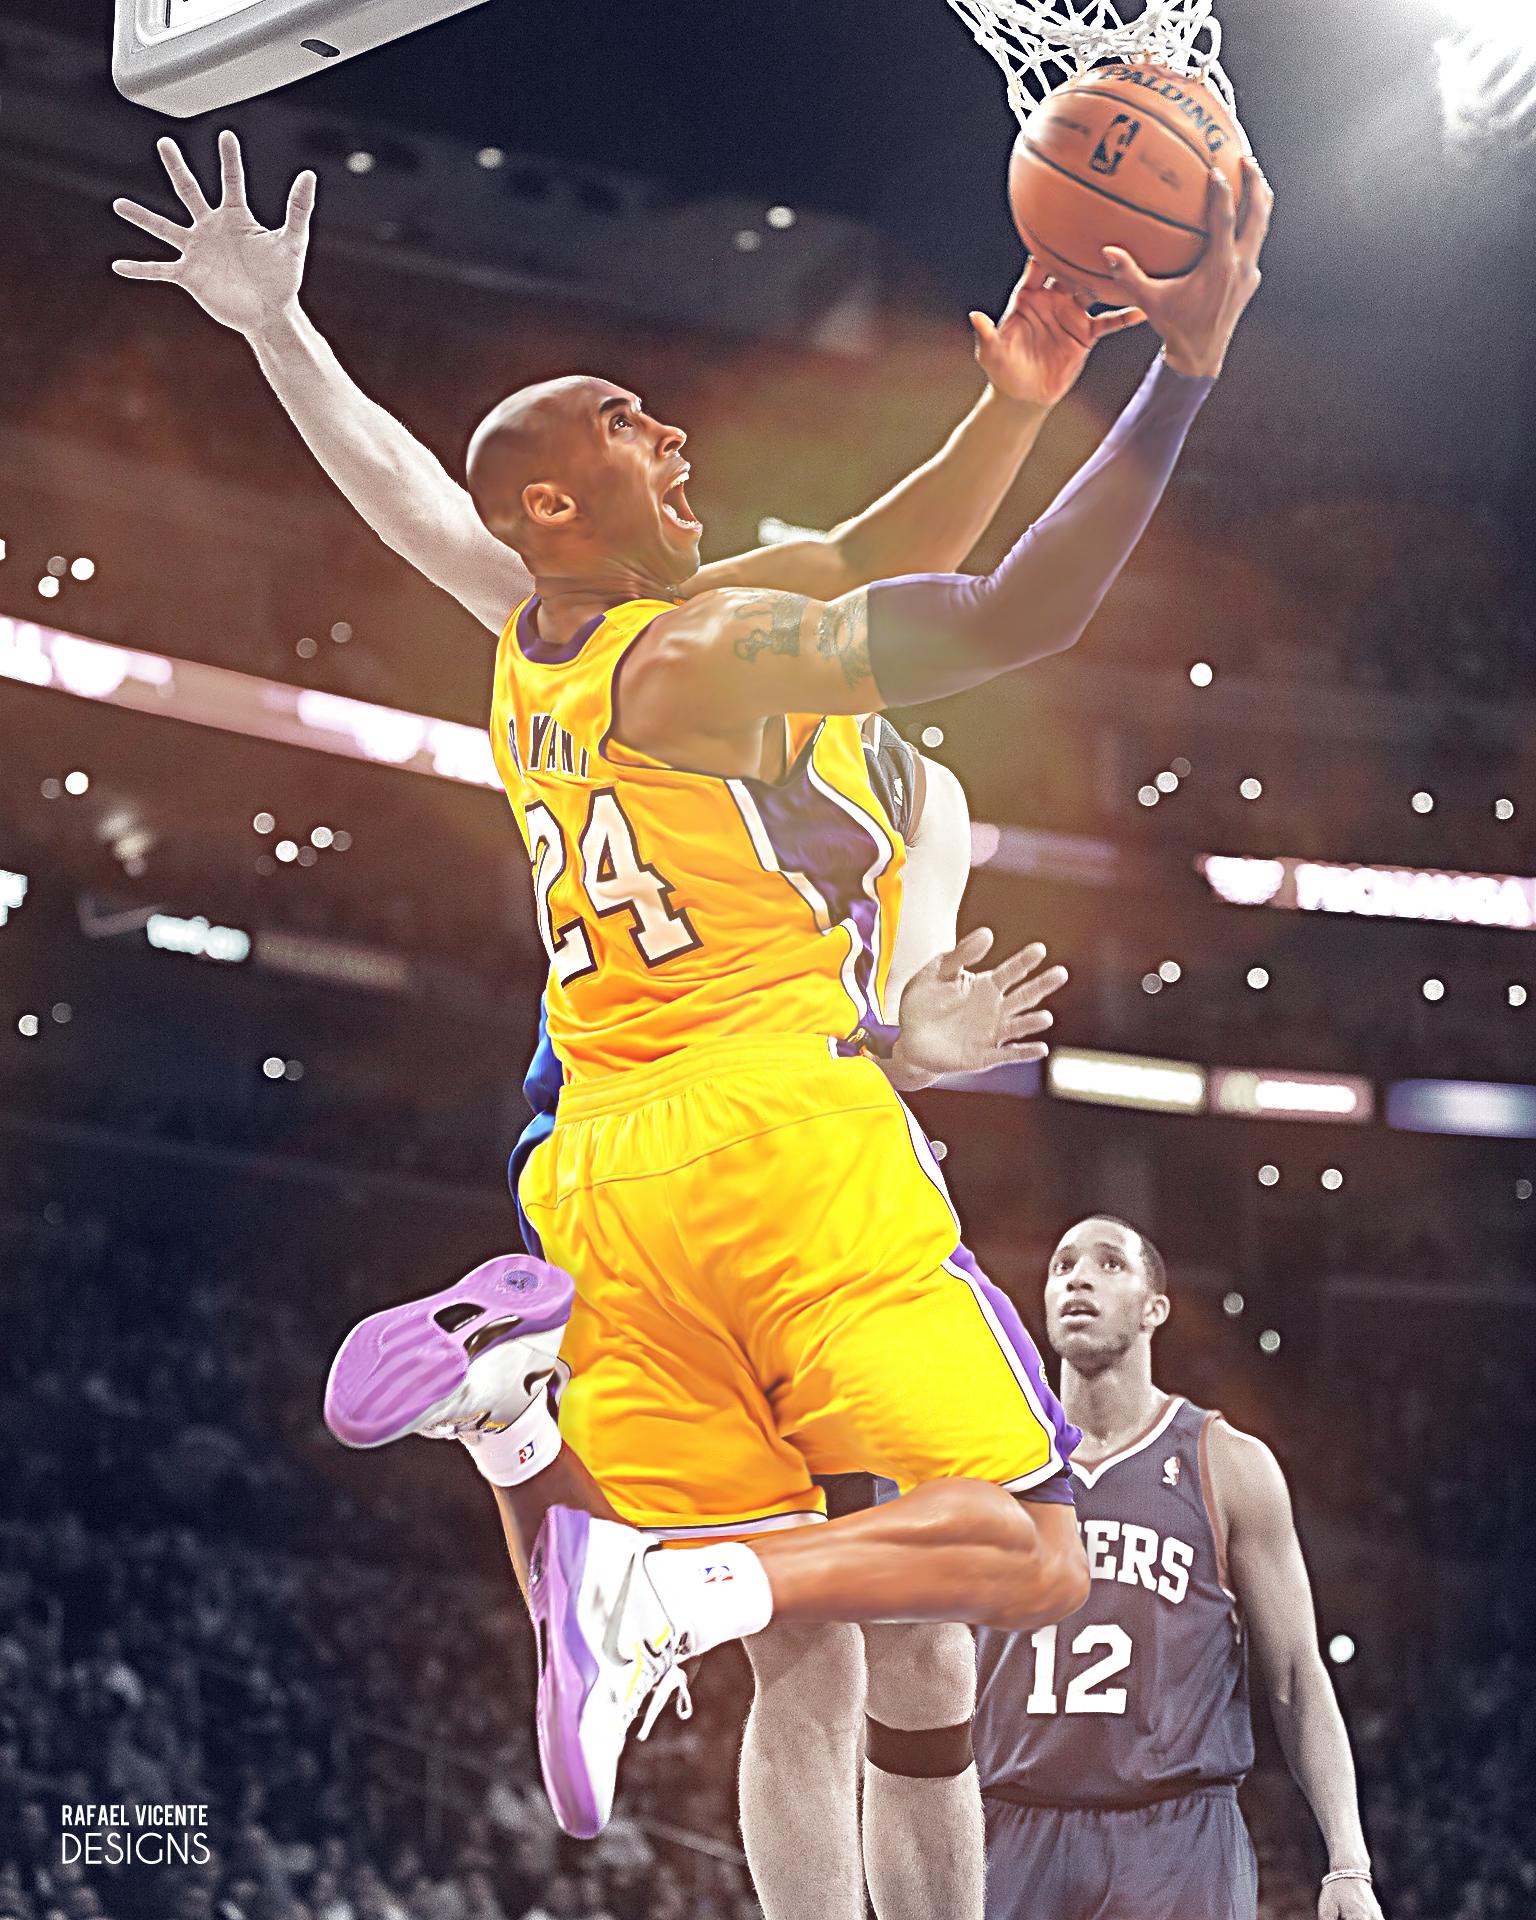 Kobe Bryant Poster Kobe bryant poster, Kobe bryant, Kobe